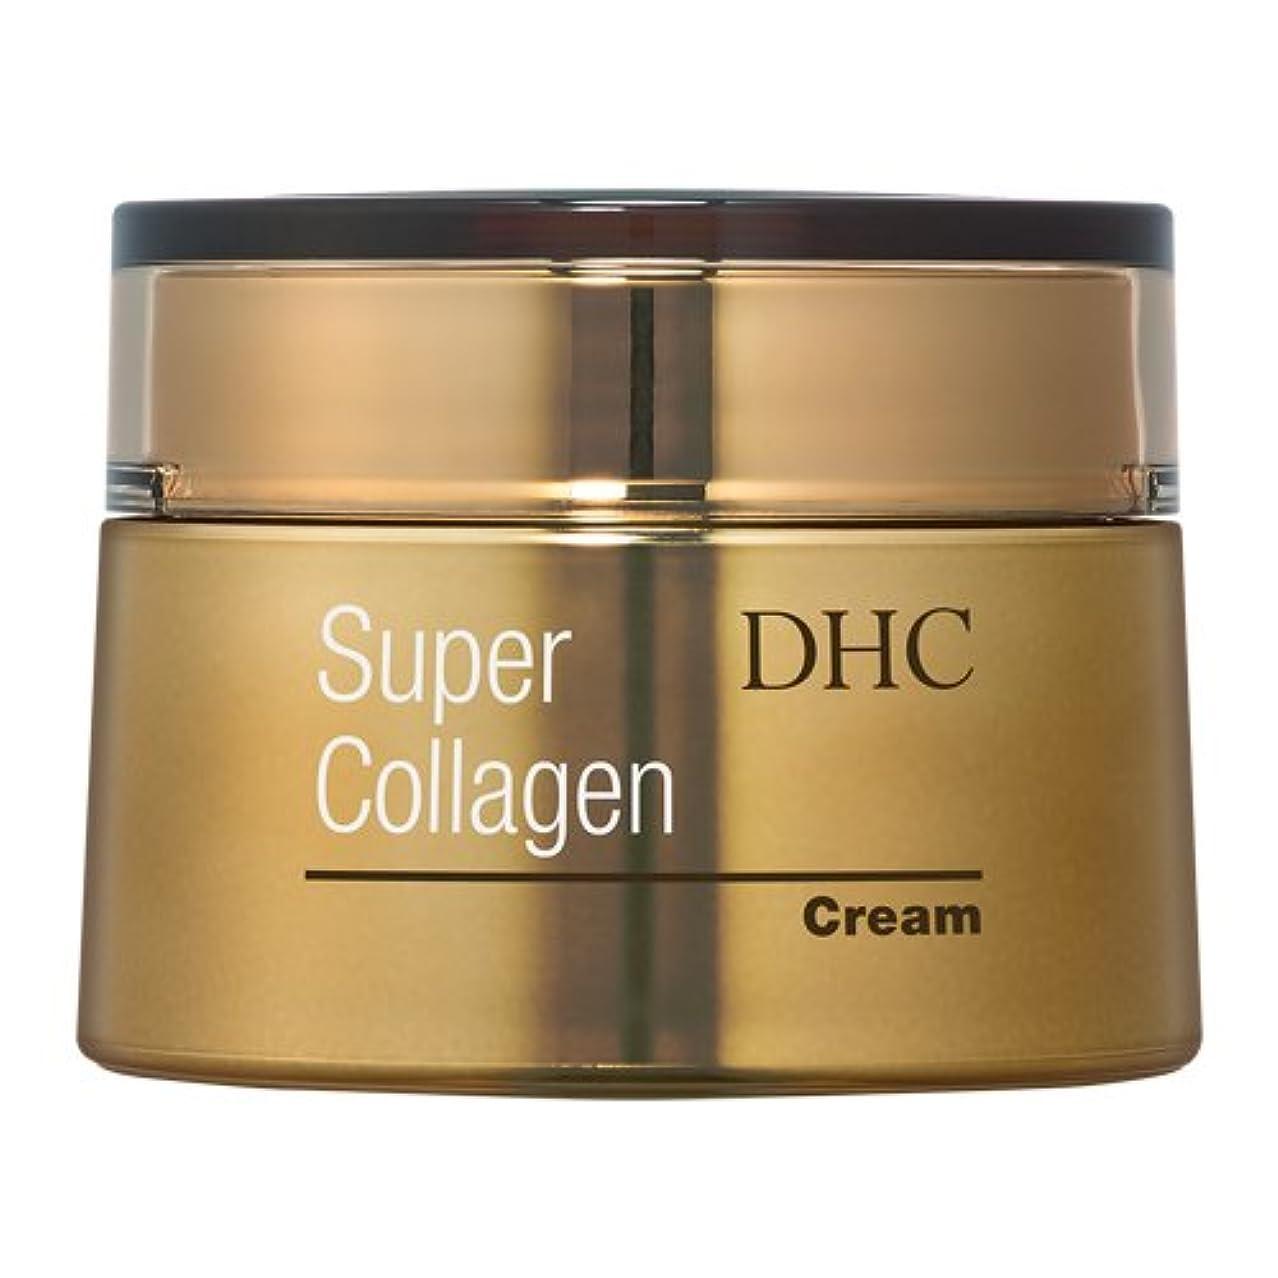 受益者凝縮する植木DHCスーパーコラーゲン クリーム